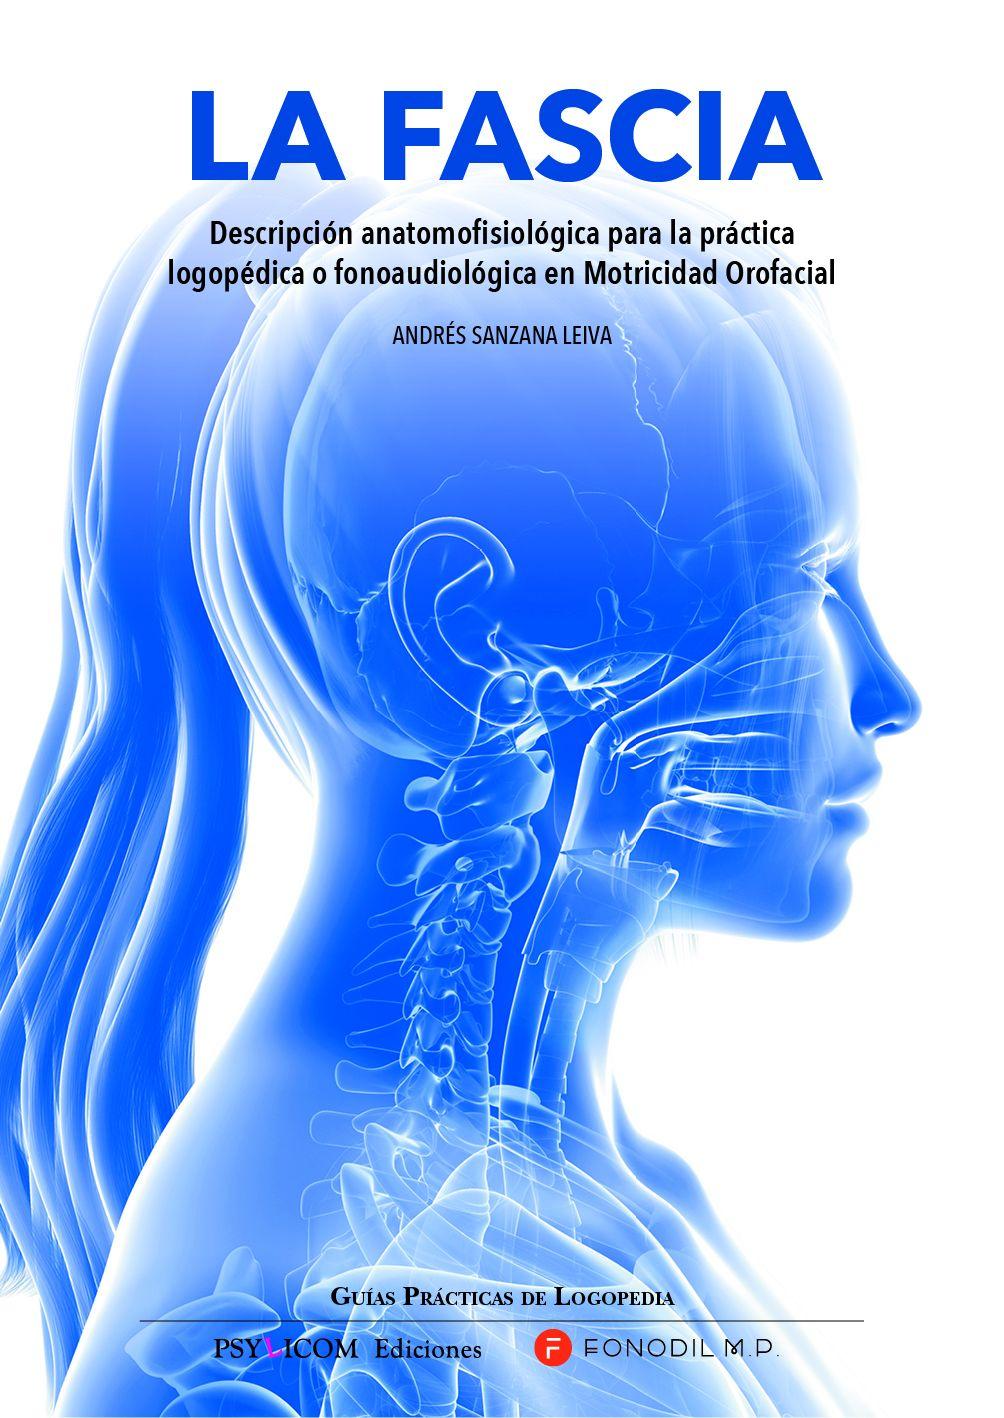 https://www.psylicomediciones.com/p8424244-la-fascia-descripcion-anatomofisiologica-para-la-practica-fonoaudiologica-y-logopedica-en-motricidad-orofacial.html